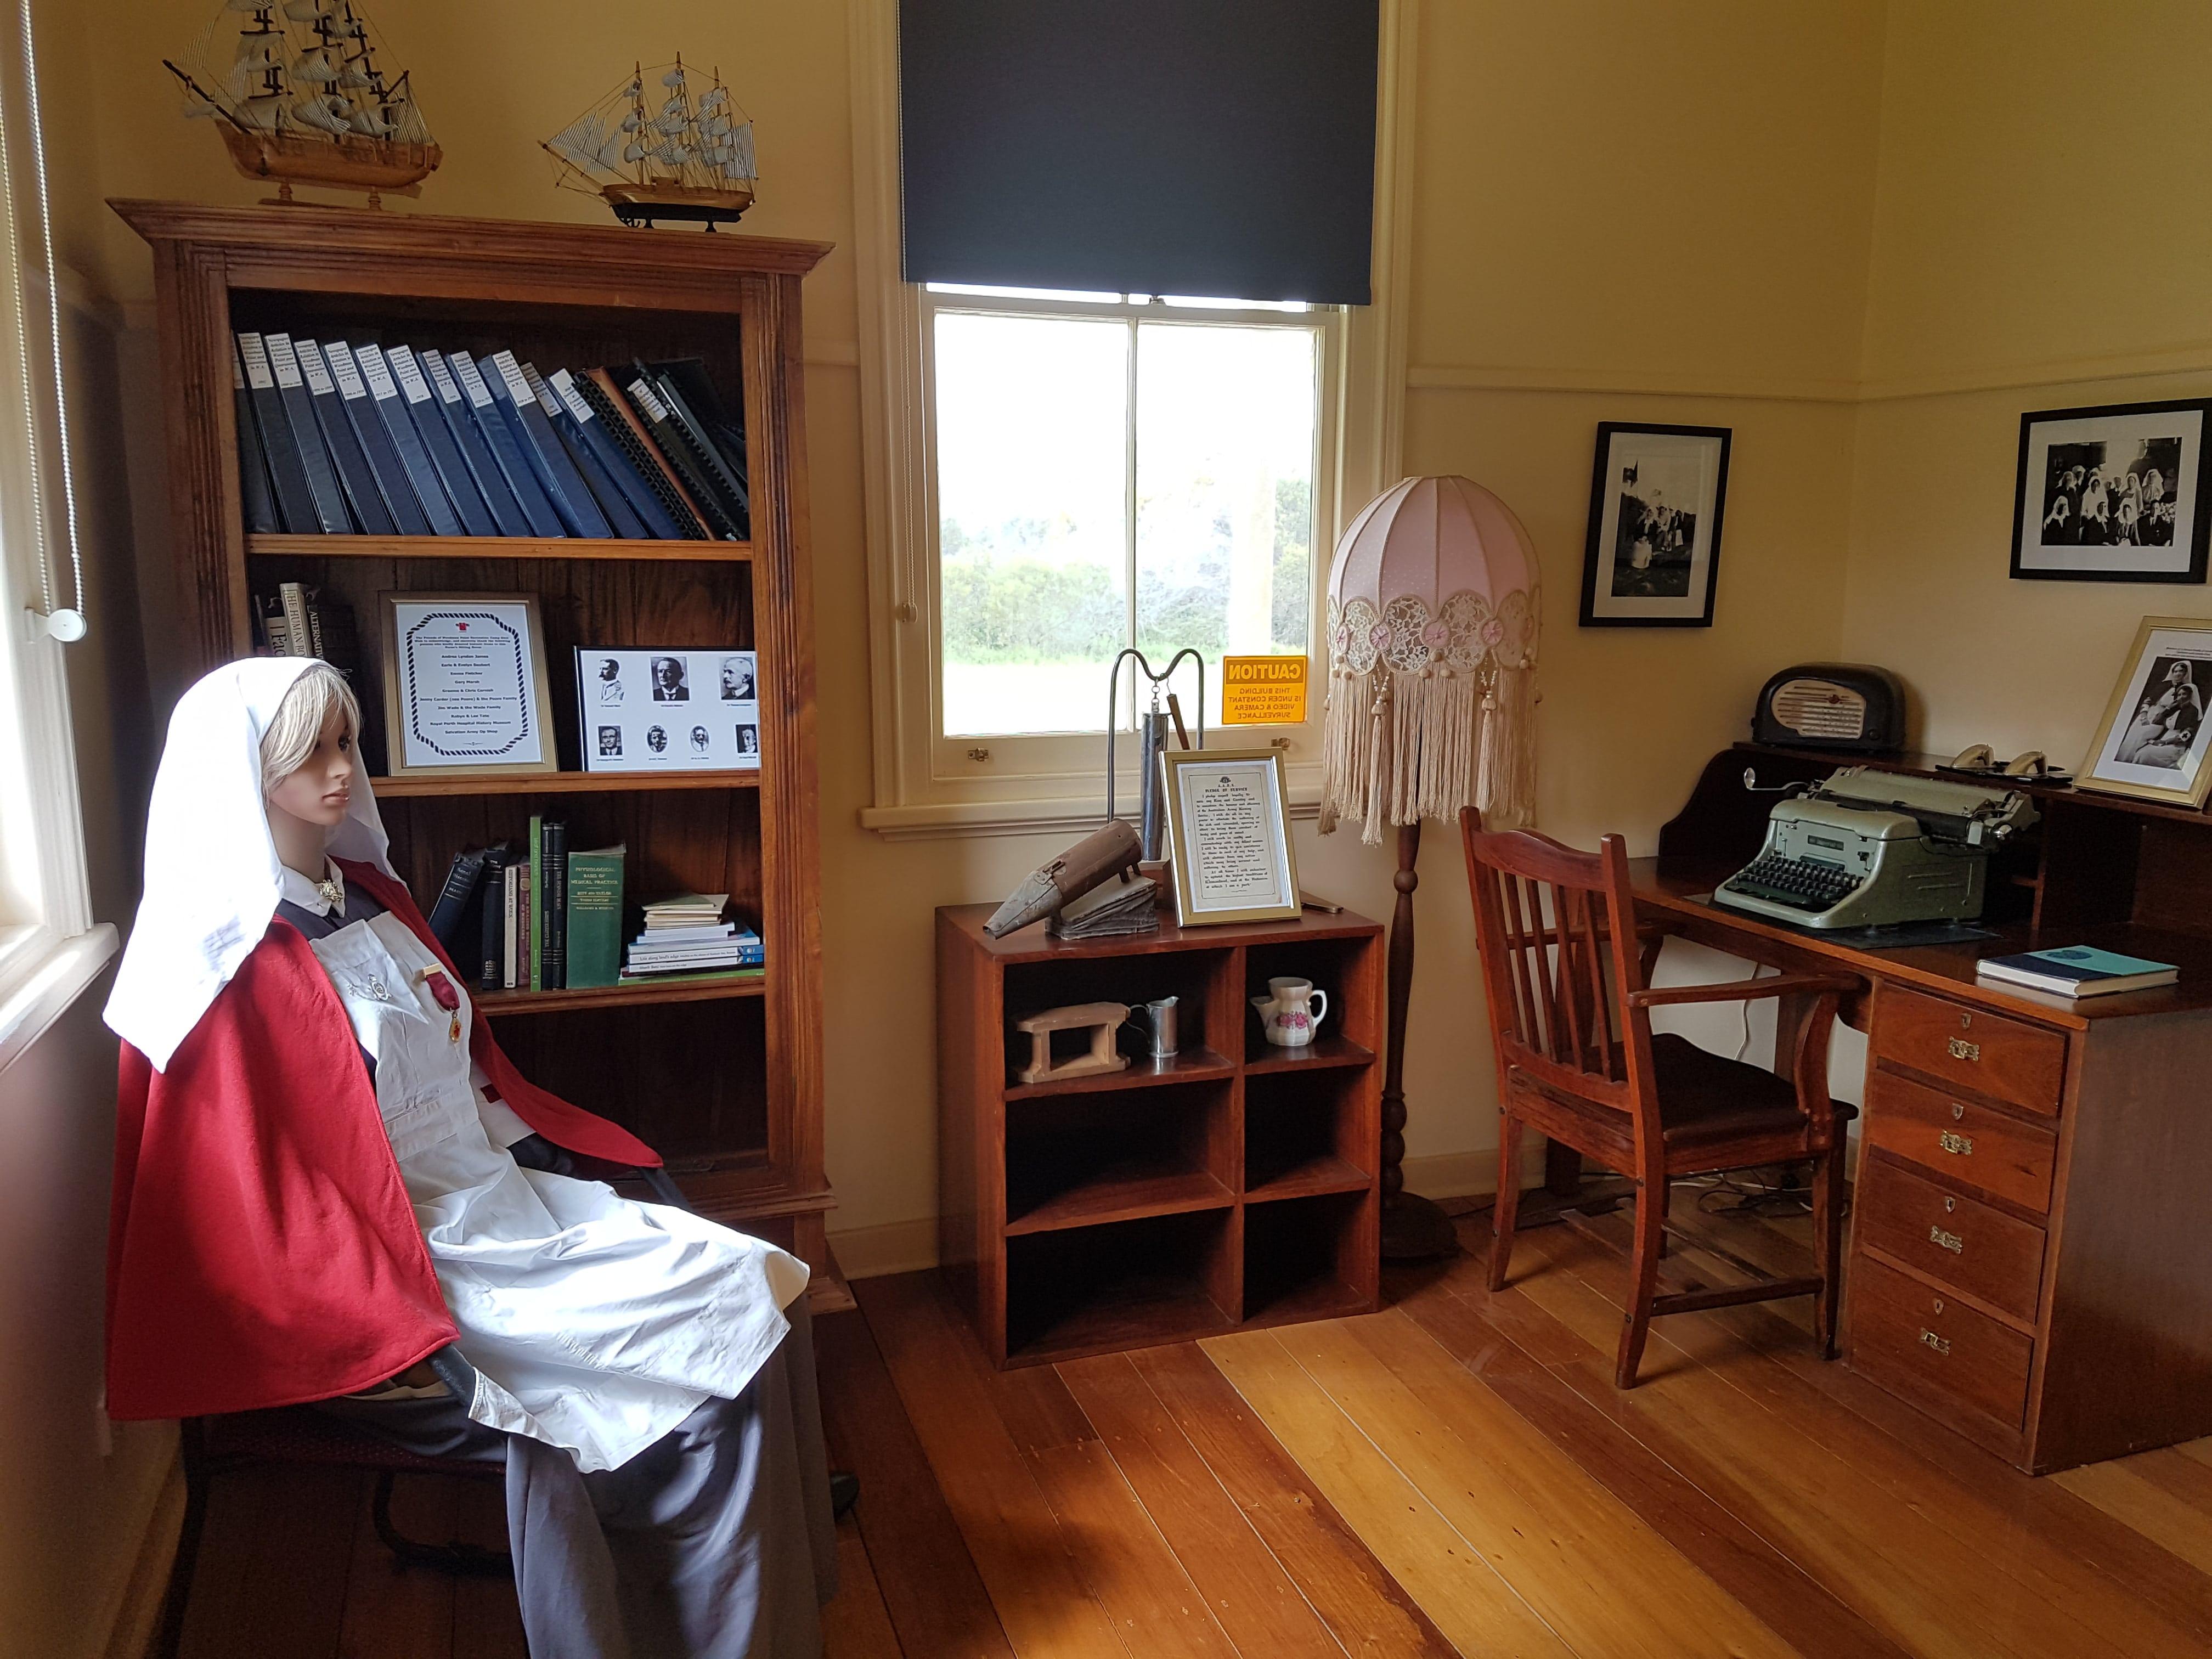 Nurses' Room